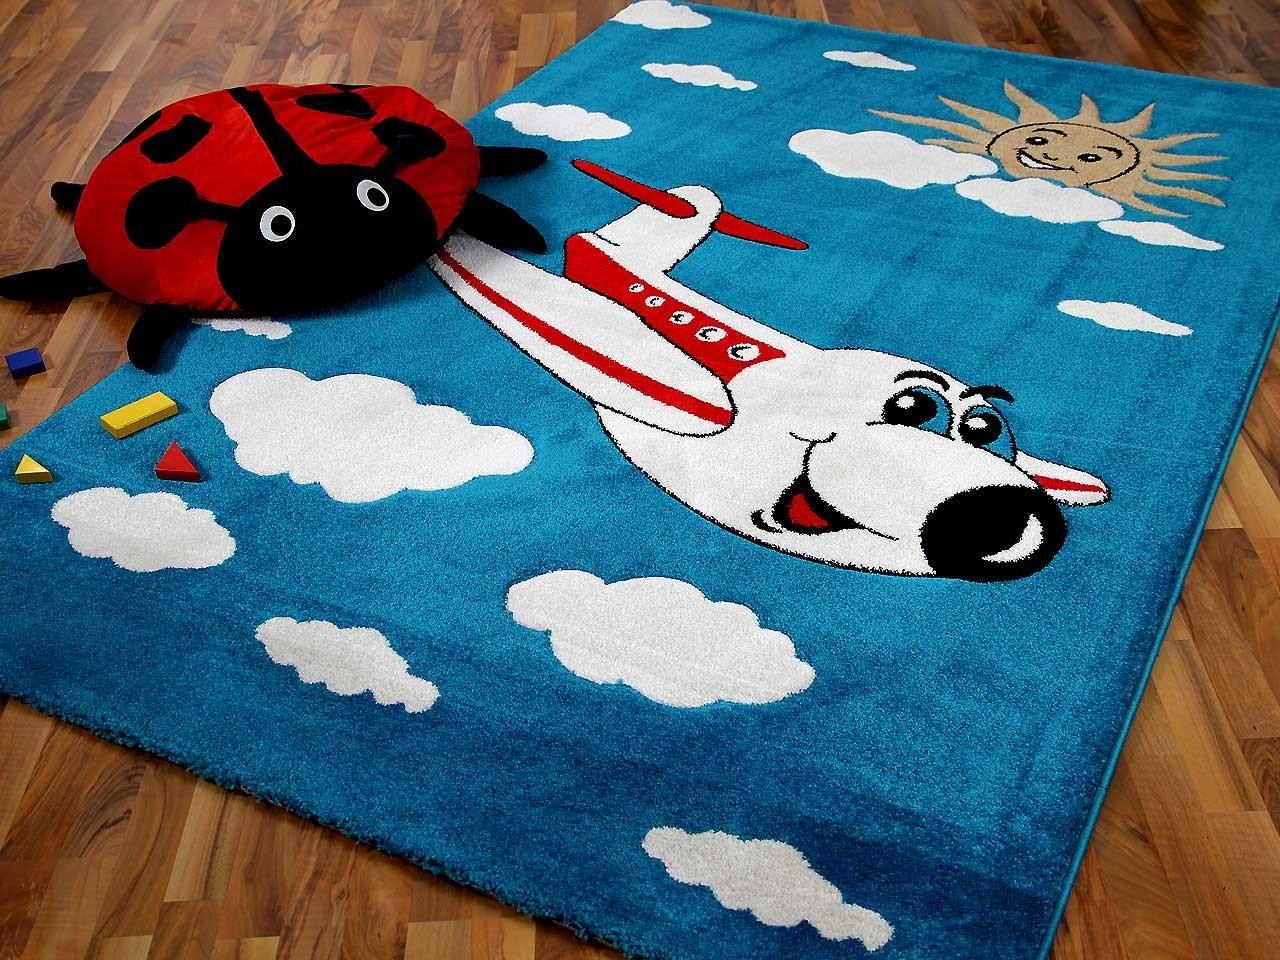 Teppich kinderzimmer blau  Kinder Spiel Teppich Fantasy KIDS Flugzeug Blau Grün Rot in 2 ...